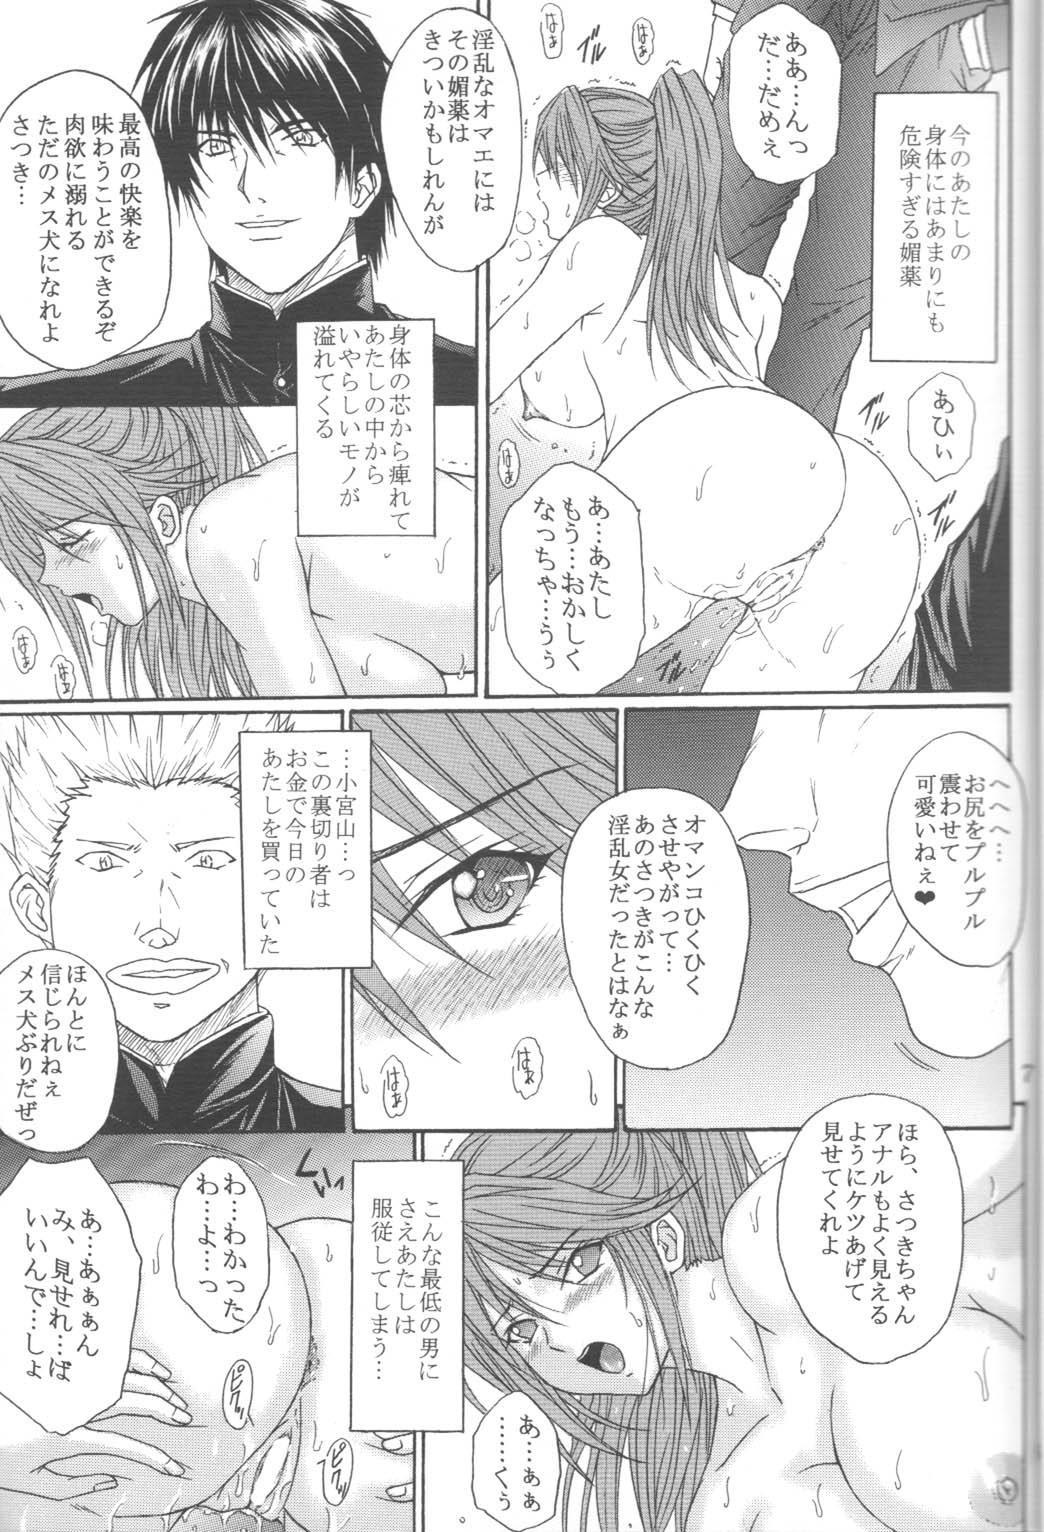 Ryoujoku Rensa 05 5